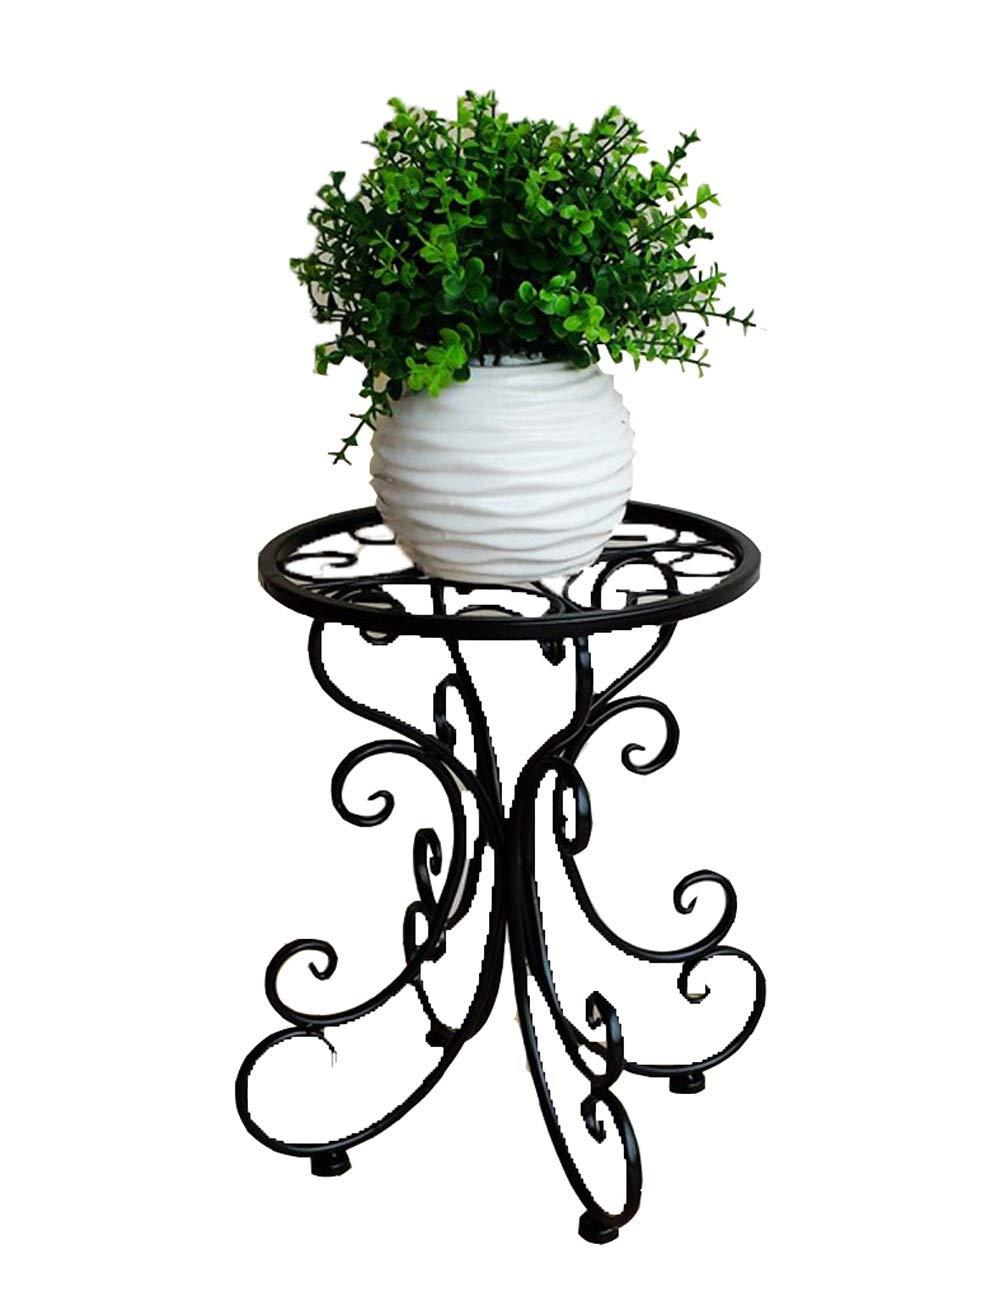 Jiniriiuirhinibdsbu Europäische Schmiedeeisen-Blumen-Regal-stehender einzelner Topf-Blumen-Rahmen-Wohnzimmer-Balkon-einfacher Blumen-Stand-Blumen-Topf-Regal, Keine Notwendigkeit zu zu zu lochen 1e4fc5